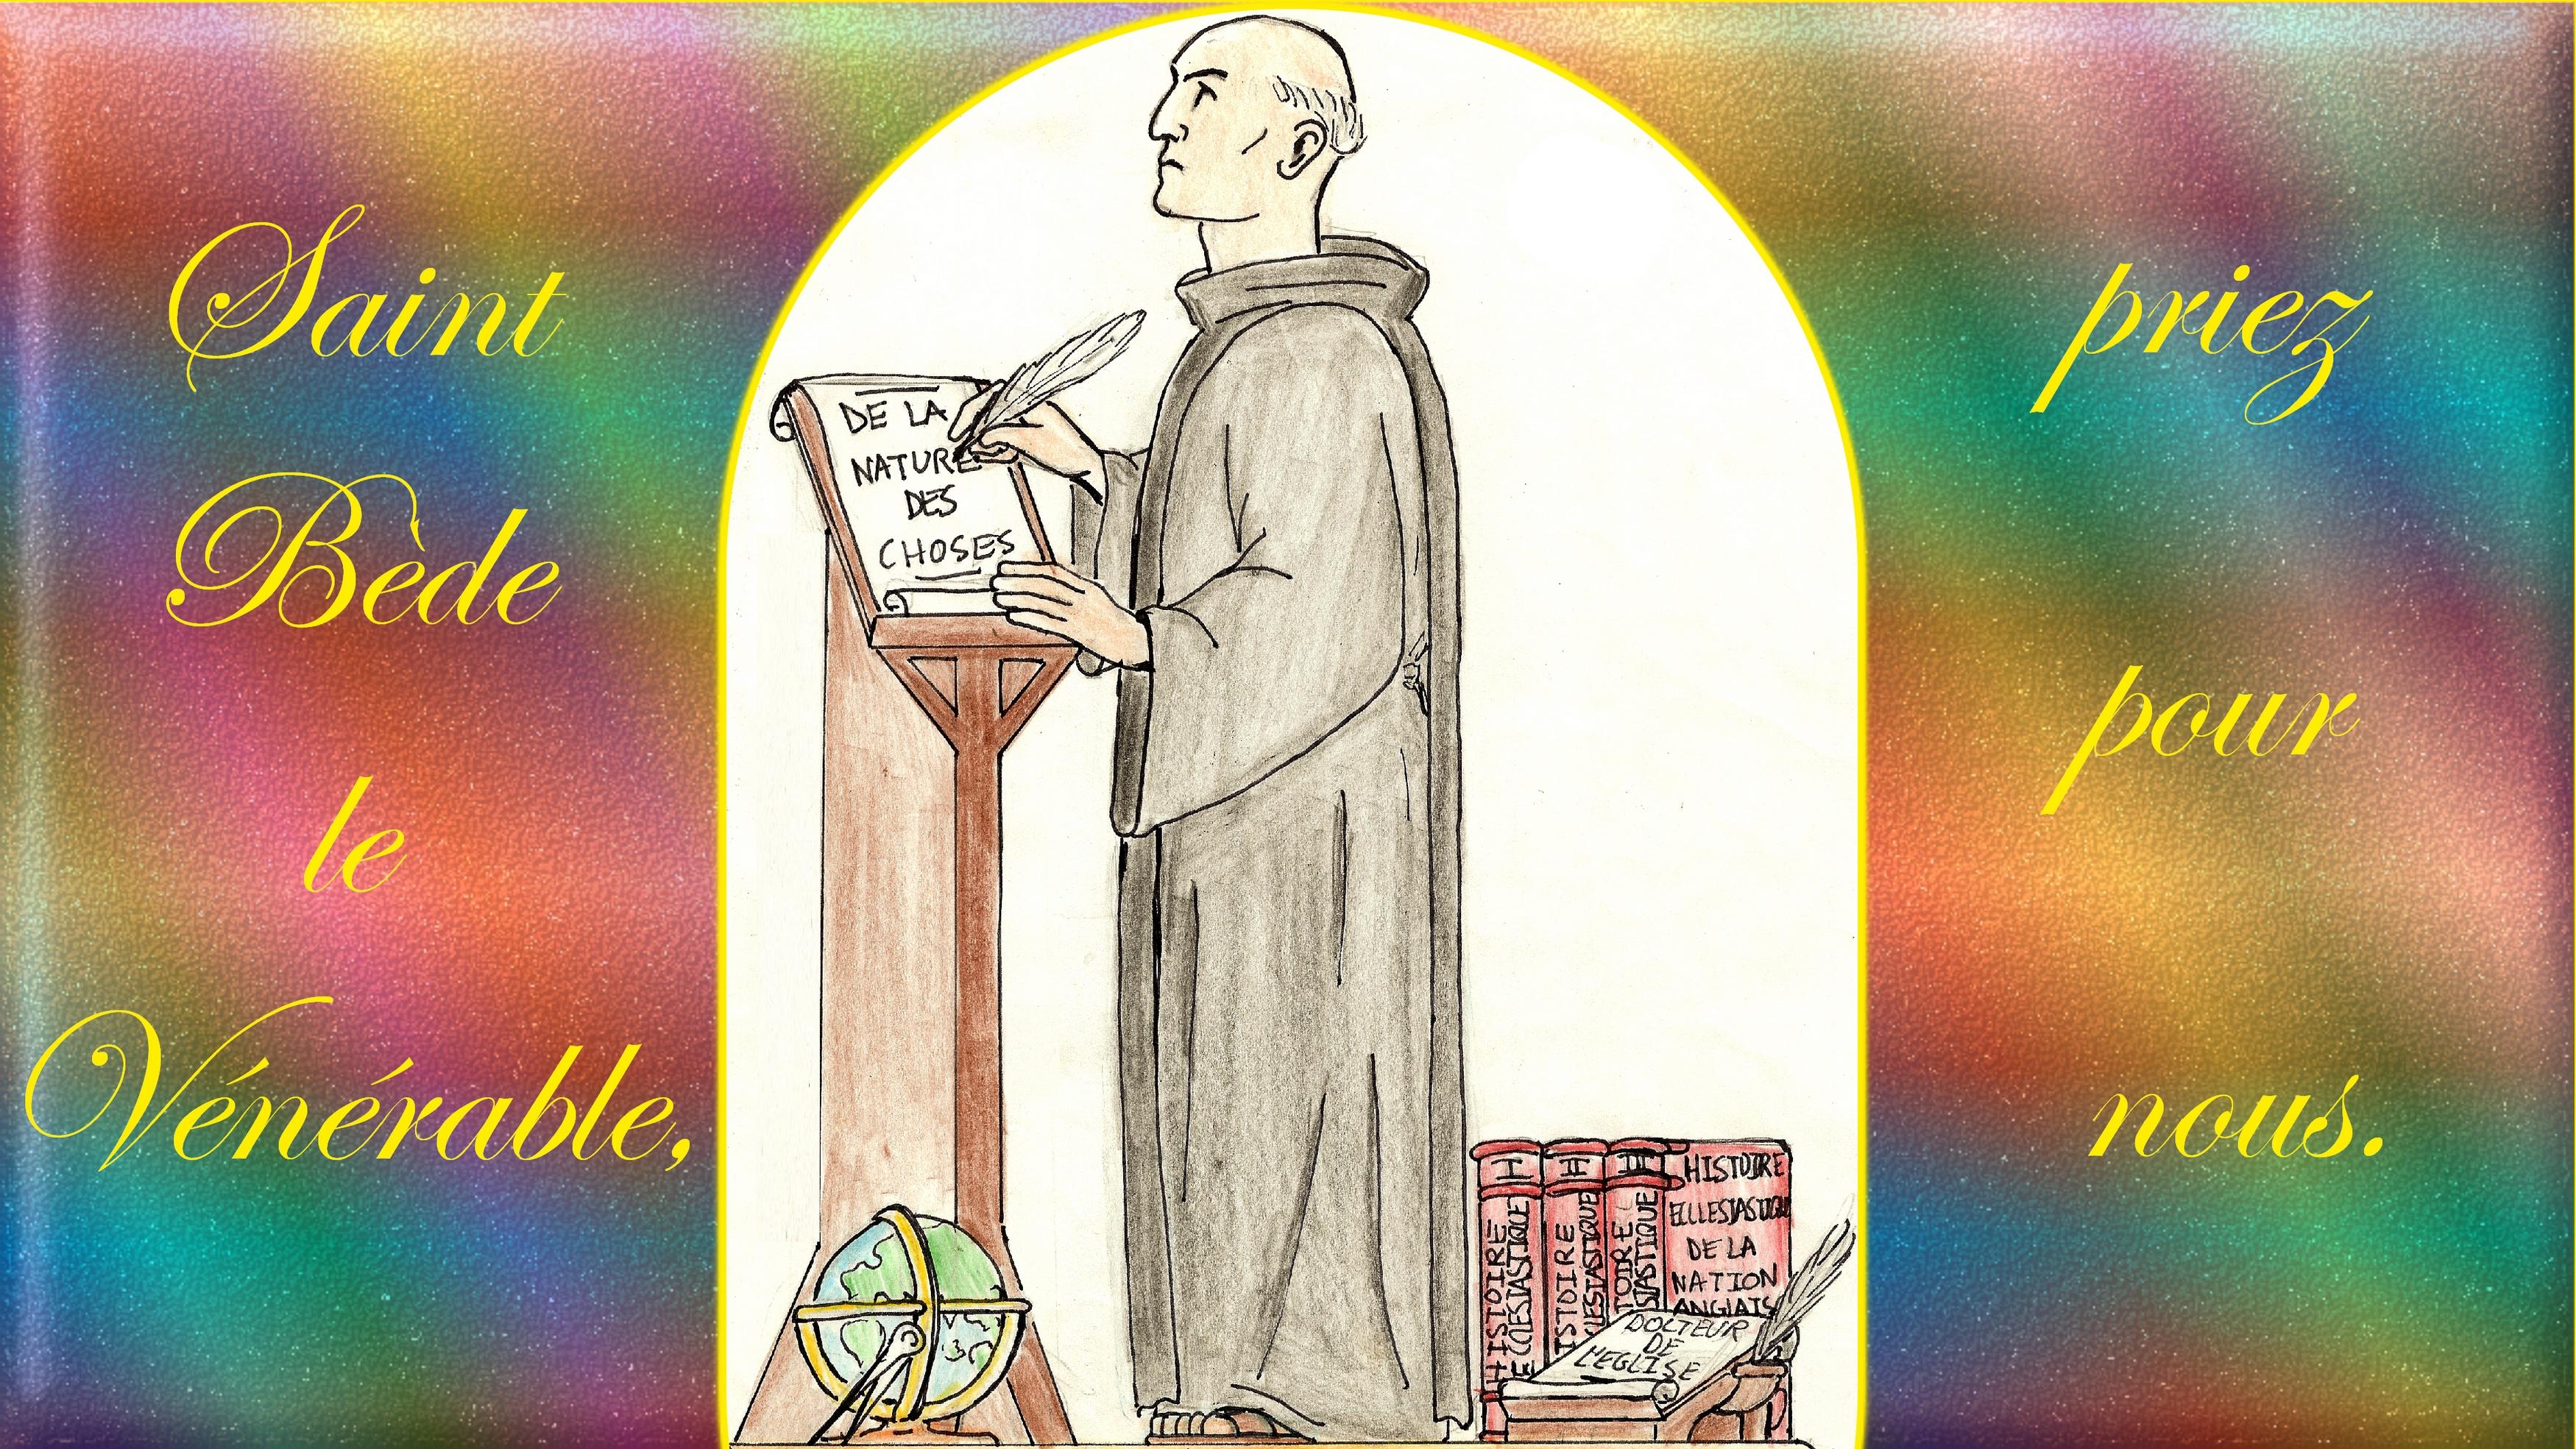 CALENDRIER CATHOLIQUE 2020 (Cantiques, Prières & Images) - Page 15 St-b-de-le-v-n-rable-576aadc